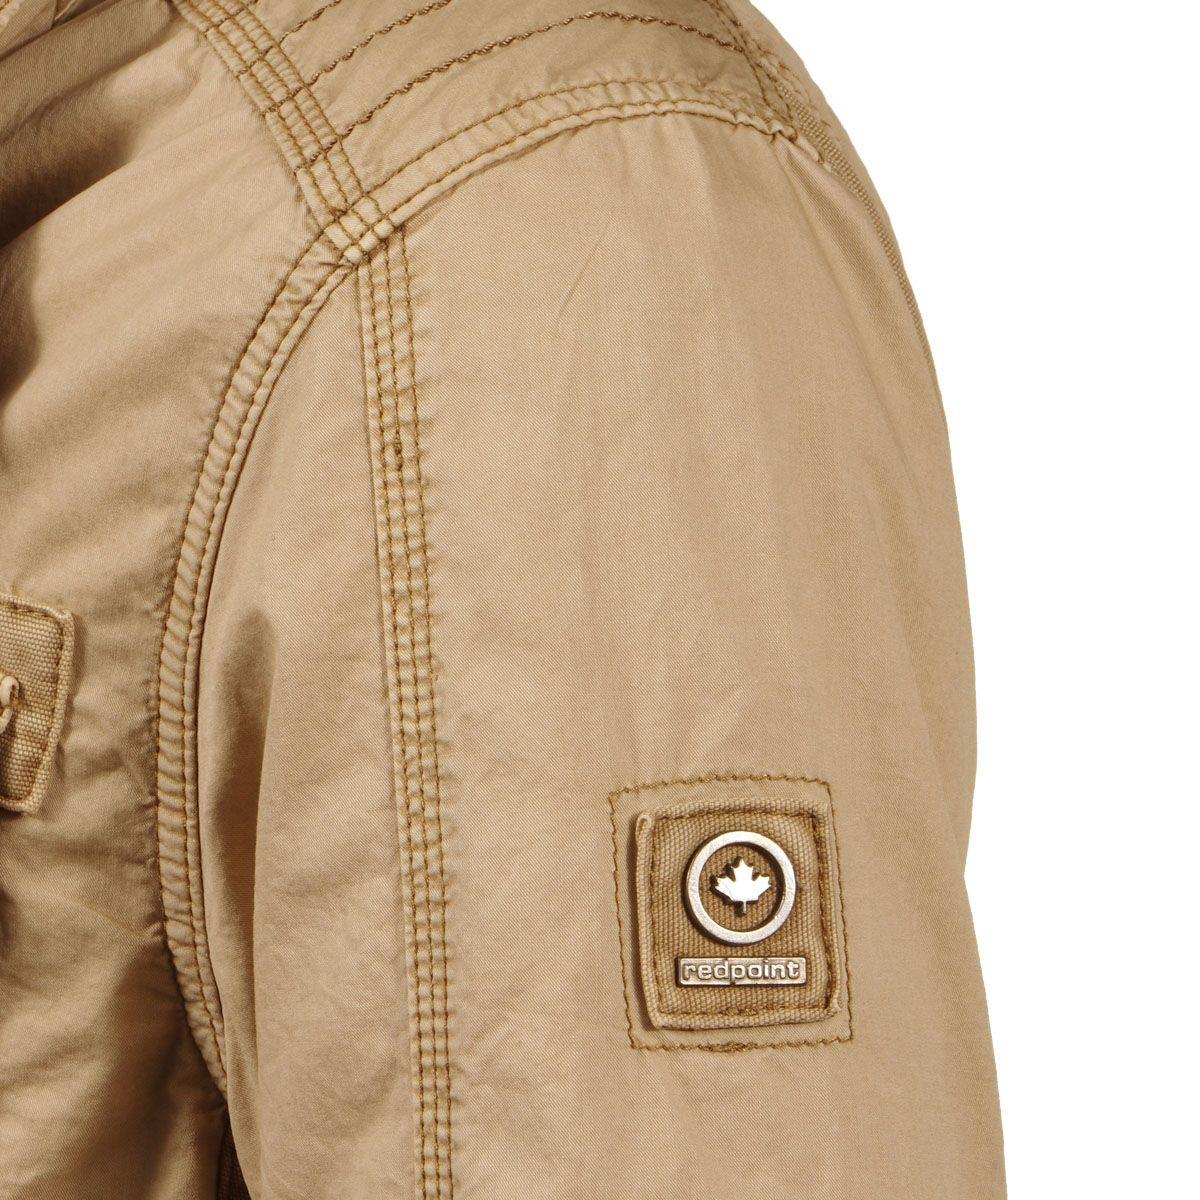 saharienne homme c 39 est une veste la fois tr s tendance et tr s chic pour cette ann e. Black Bedroom Furniture Sets. Home Design Ideas